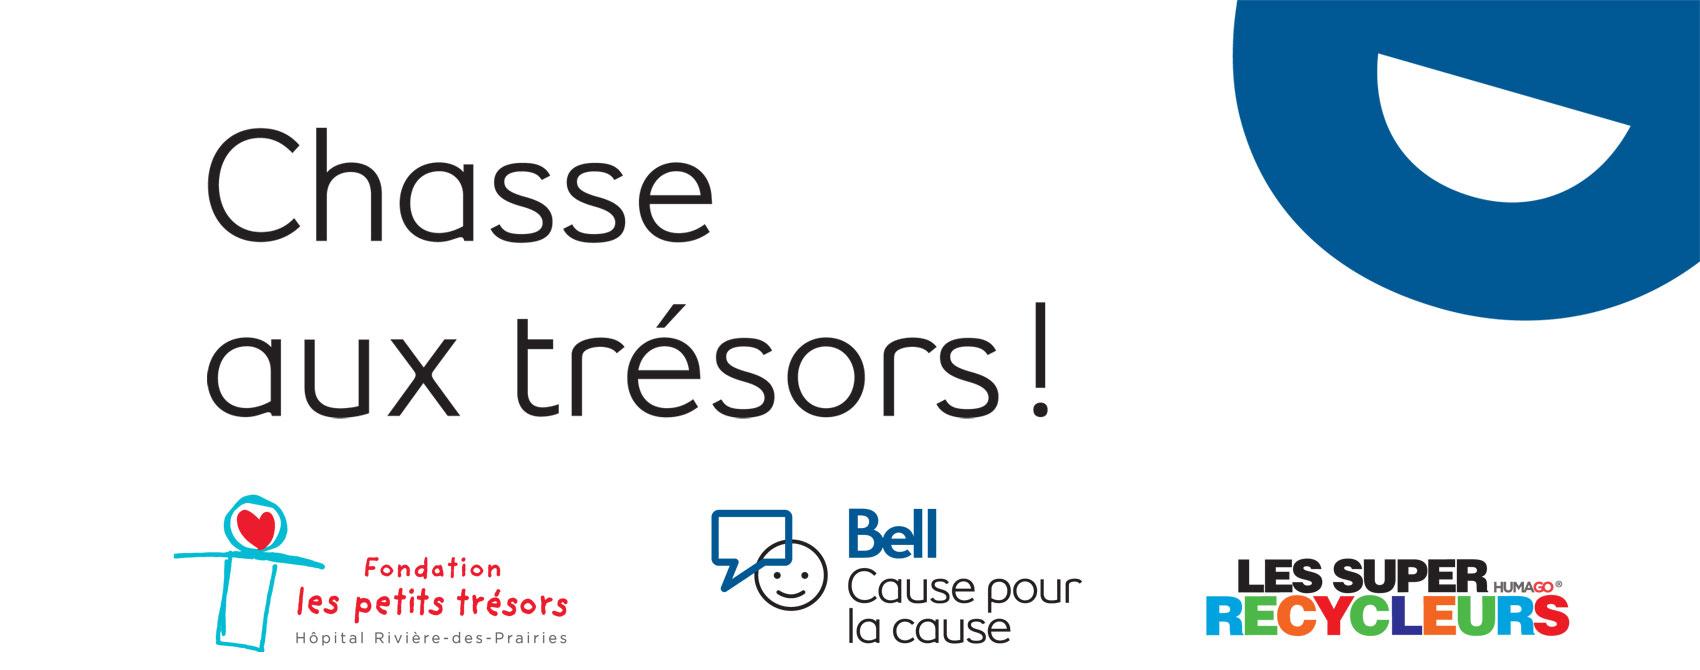 Bell – Chasse au trésors!